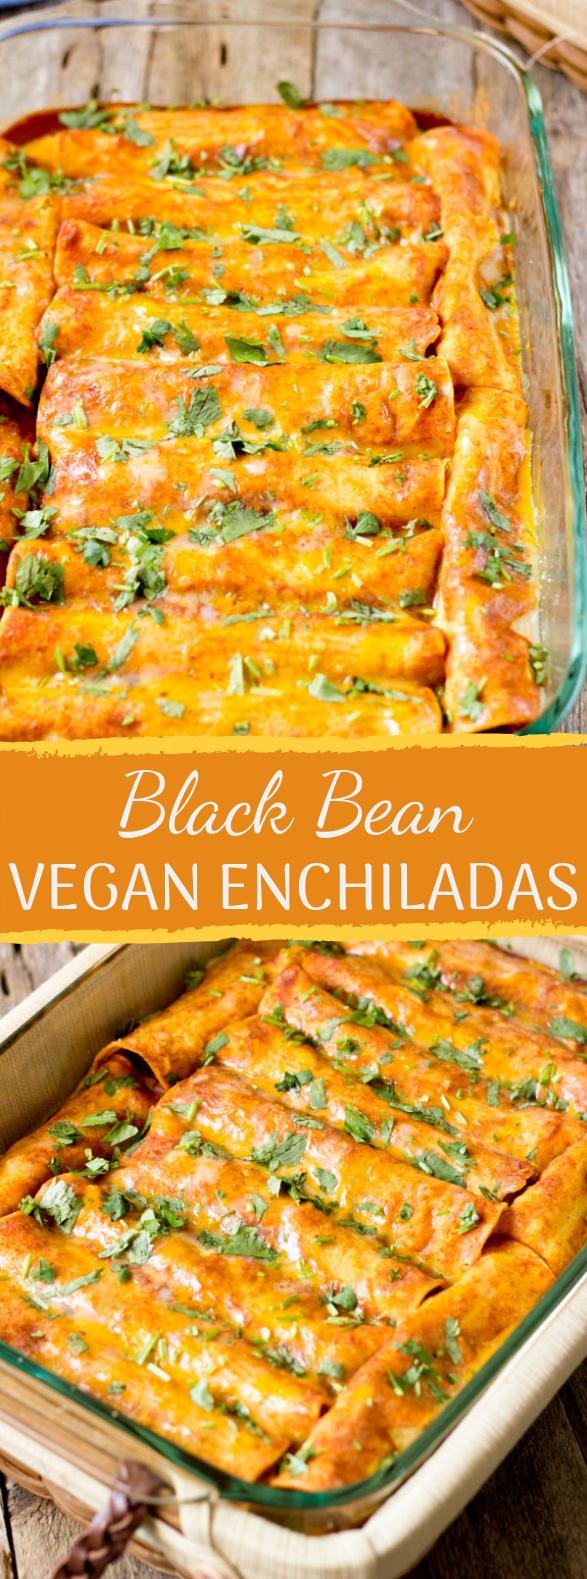 Black Bean Vegan Enchiladas #easyrecipe #meatless